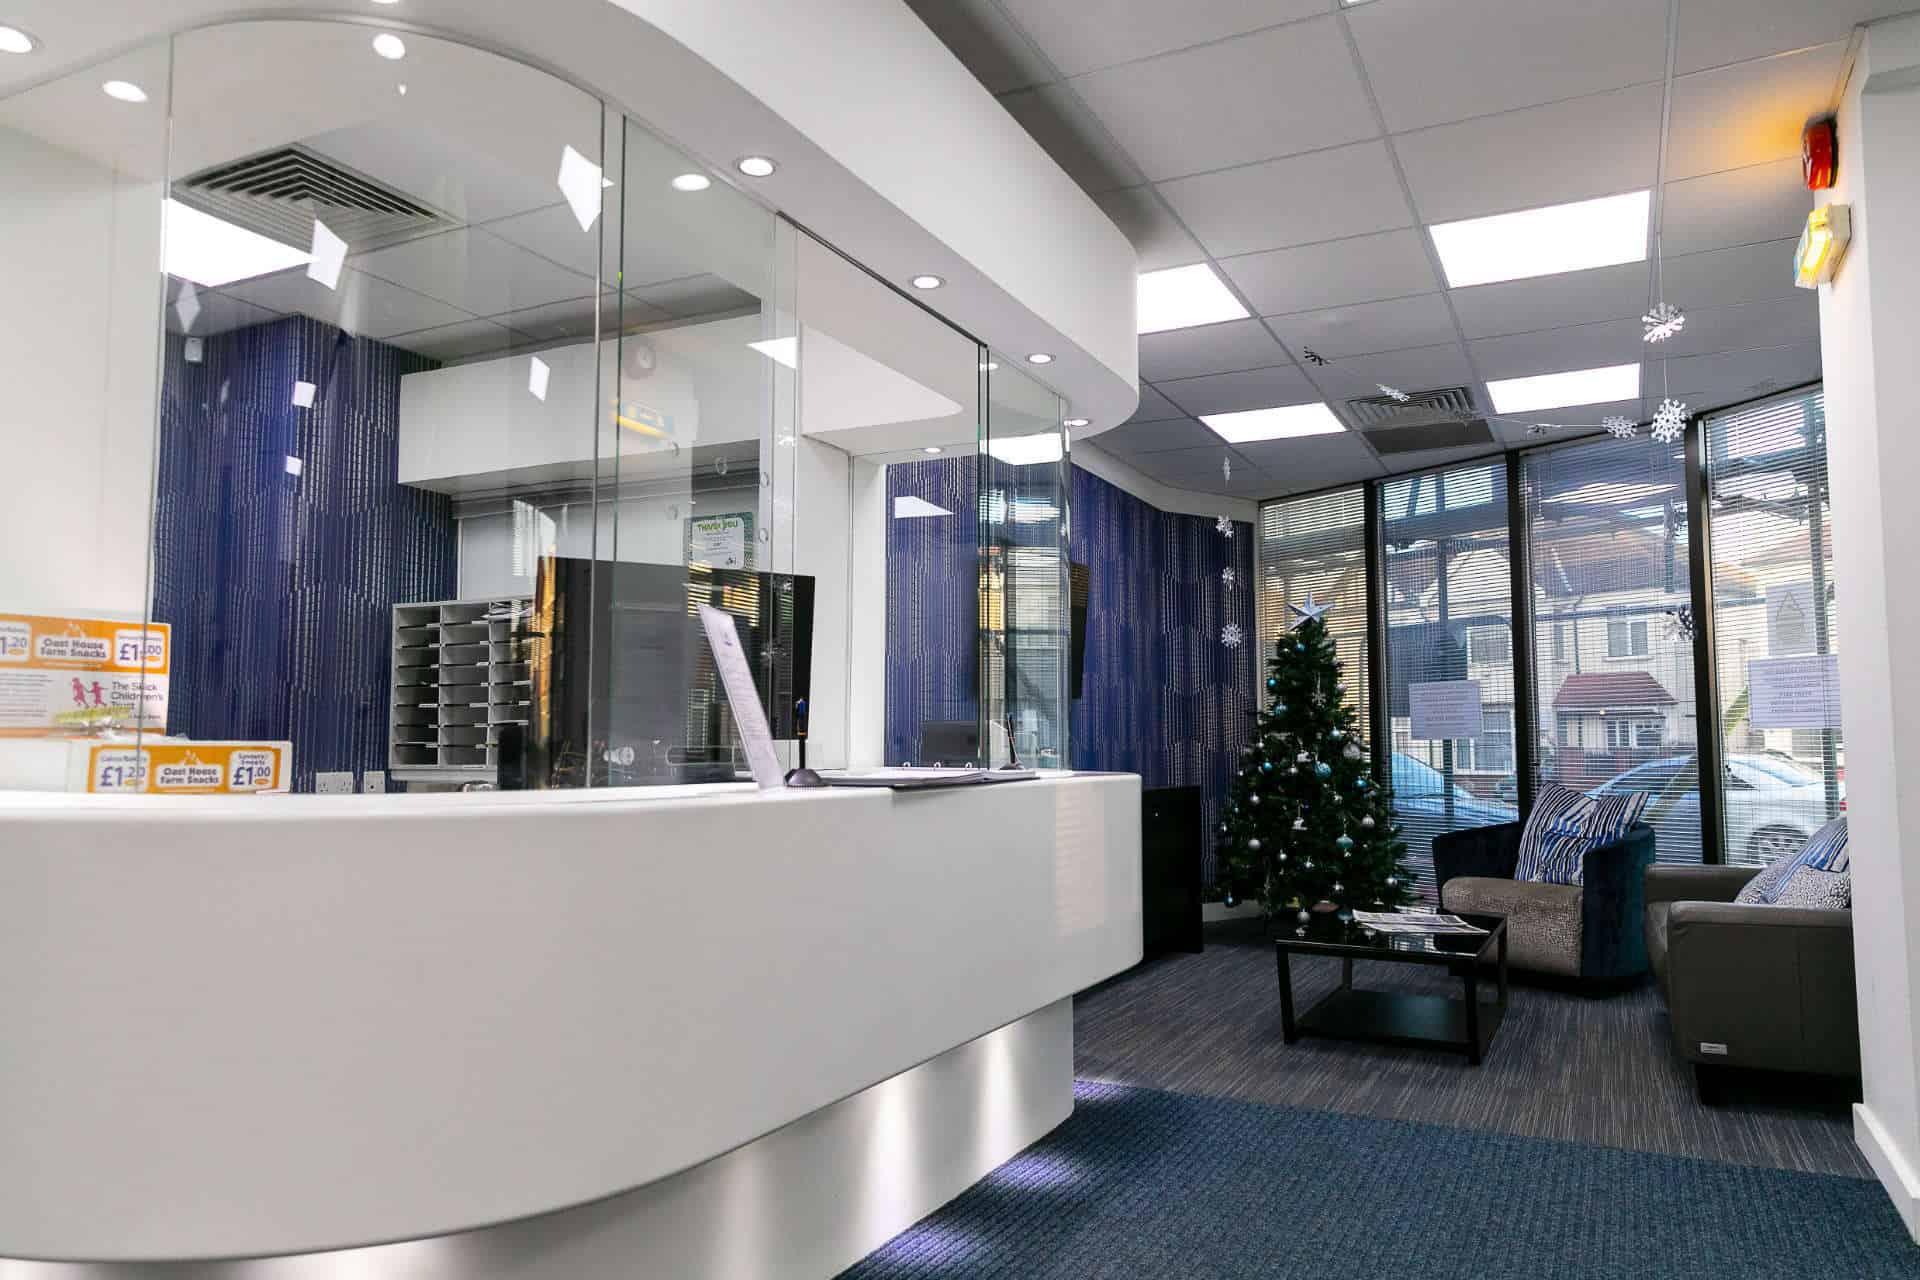 Harrow Business Centre - Pinner Road, HA1 - Harrow